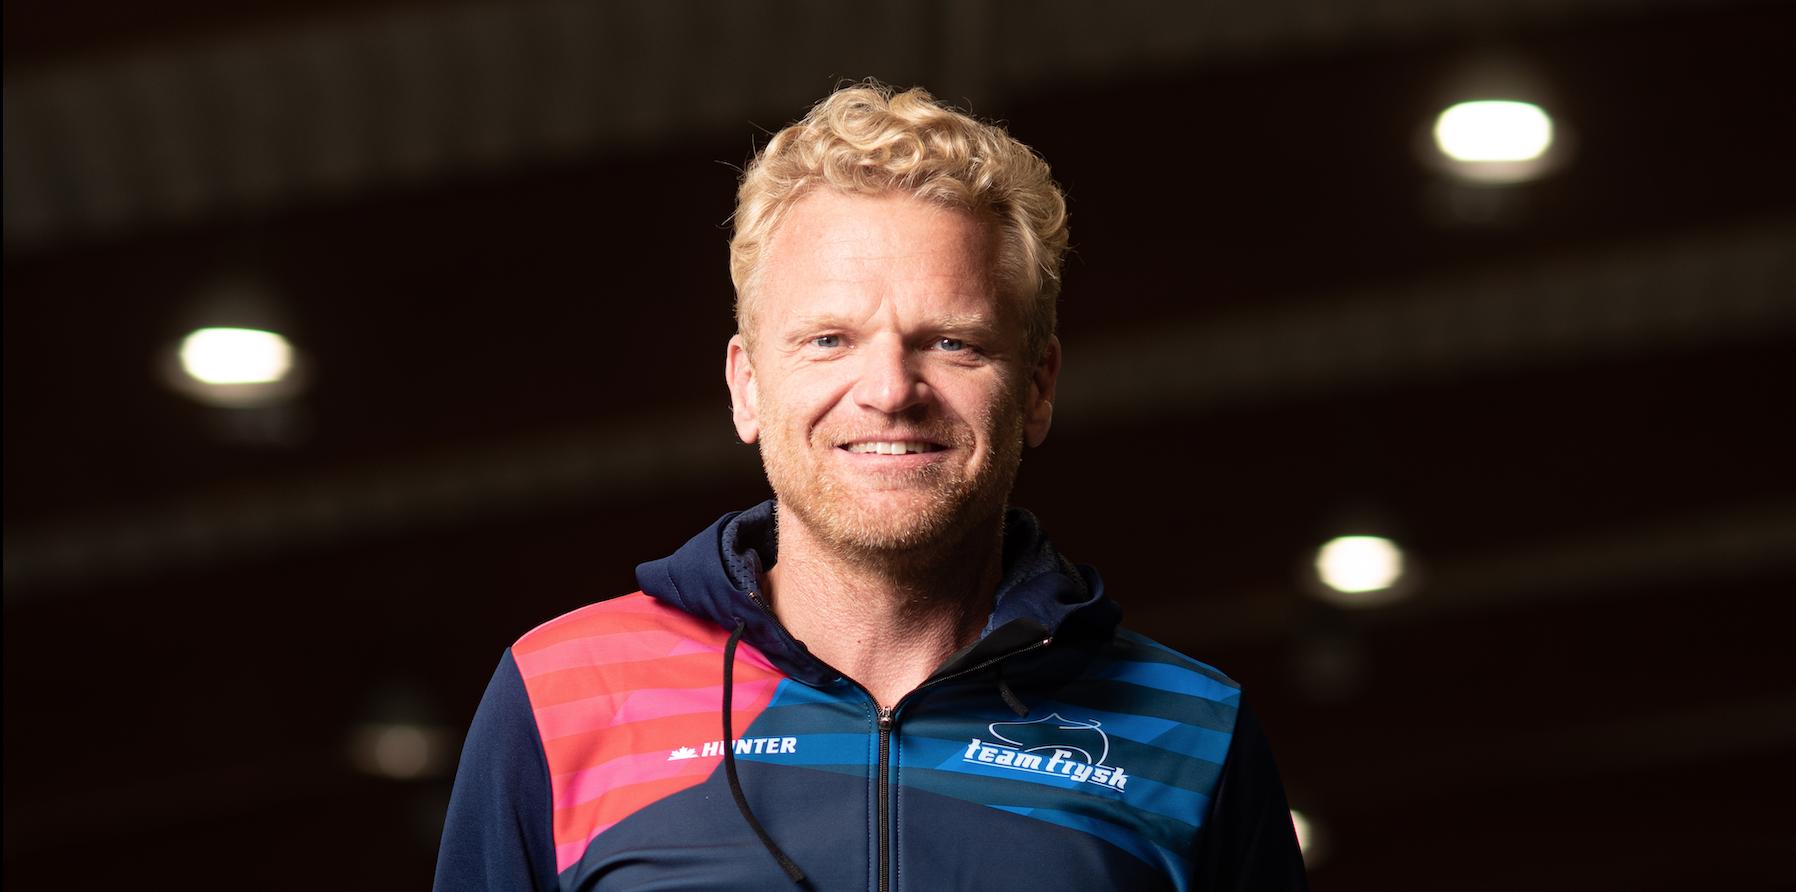 Wim Sikma